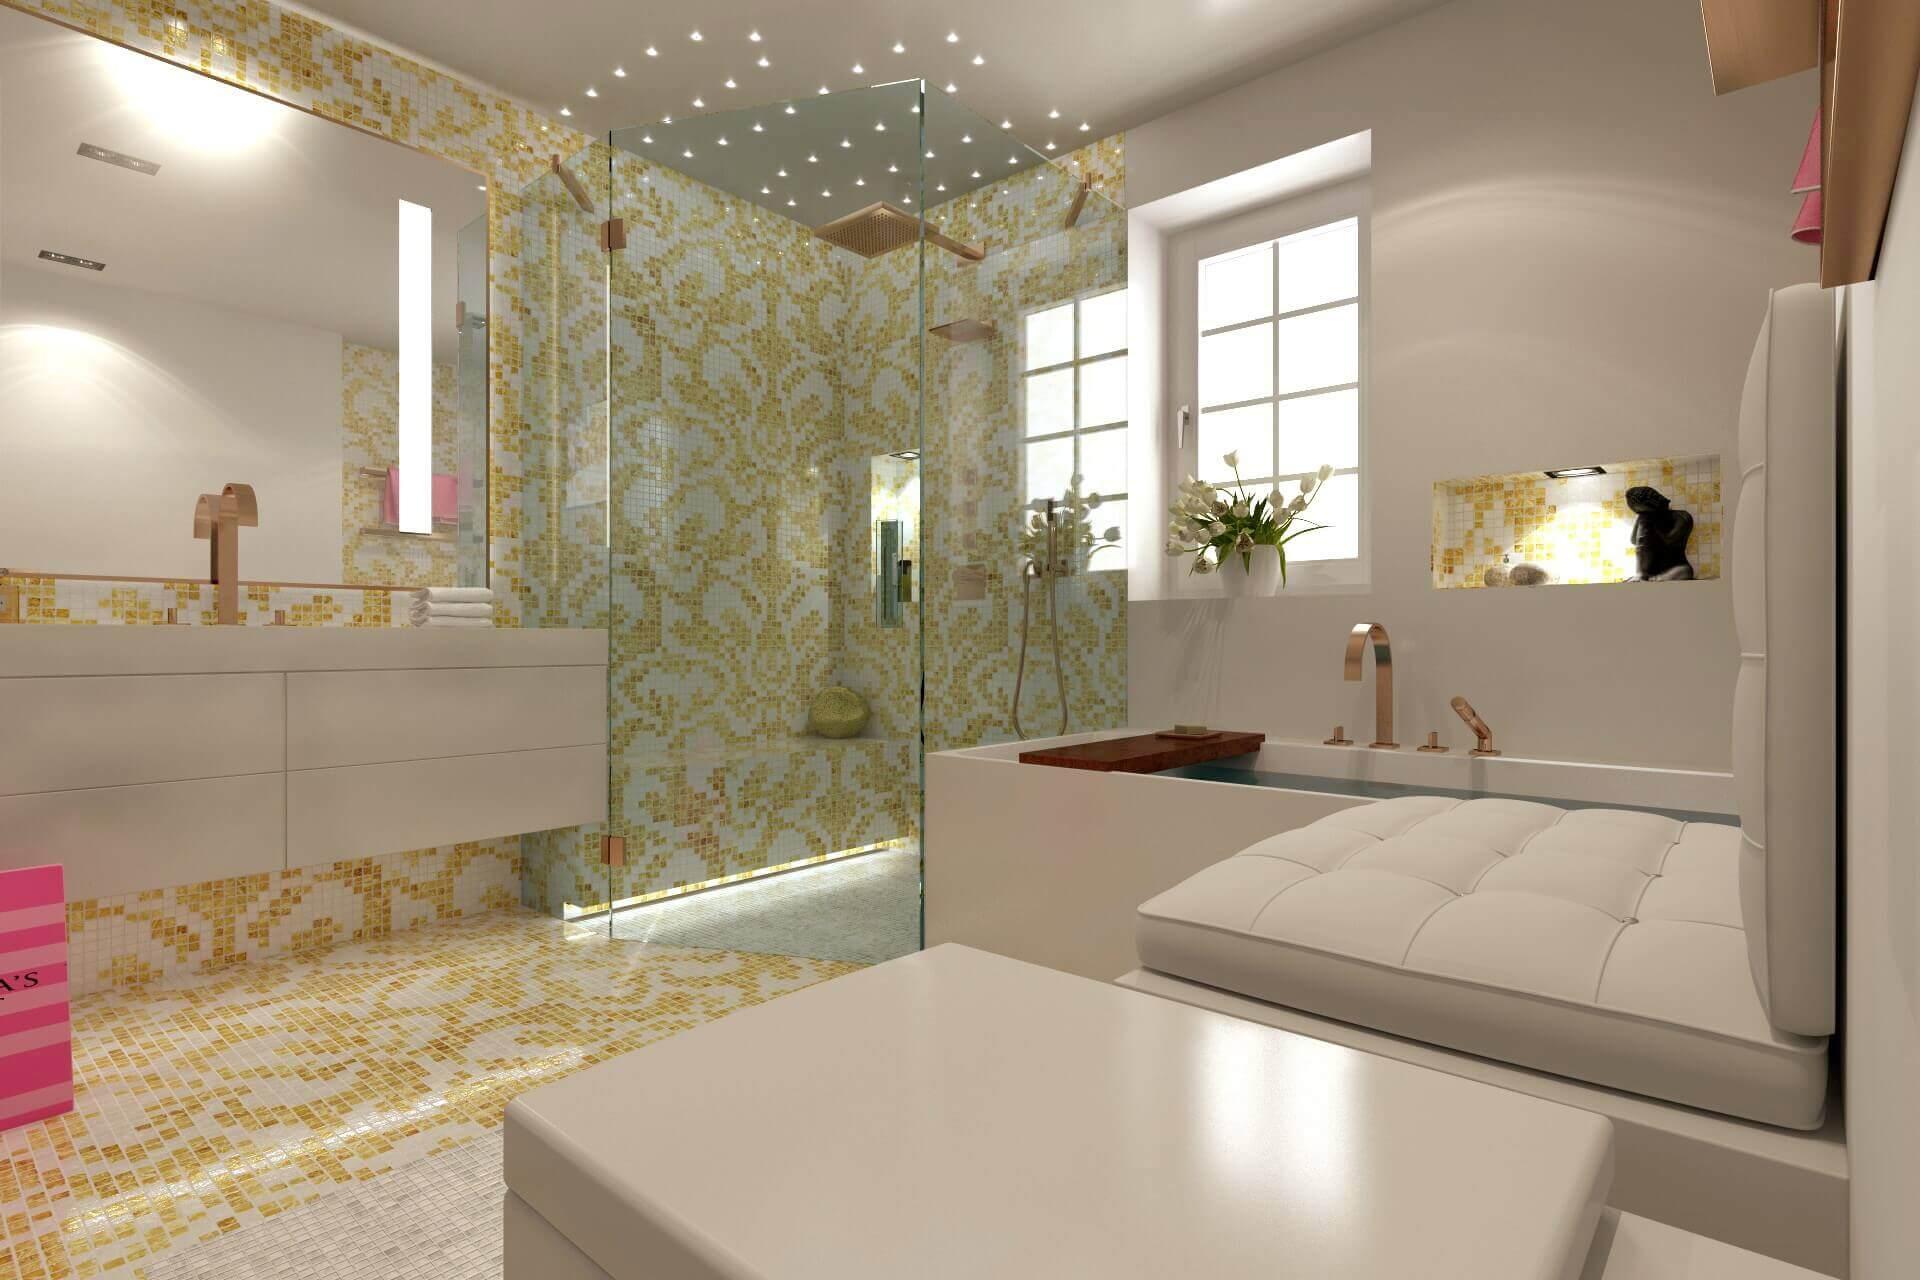 Kleine exklusive Bäder Kleines Badezimmer Planen - Die Grundlagen Kleine Badezimmer Ideen basieren stets bei Torsten Müller auf der Ganzheitlichkeit des Raumes. Im Gegensatz zu einem weitläufig geschnittenen Nassraum kommt es hier vor allem darauf an, die Offenheit des Bades als Ganzes zu bewahren. Eine Dusche, die von transparentem Glas umgeben und ebenerdig eingebaut ist, lässt das luxuriöse Badezimmer sogleich größer erscheinen, da sie Unterbrechungen vermeidet und sich organisch in das große Ganze einfügt. Zudem gibt Sie auch die Möglichkeit des ungehinderten Einlasses, das jedoch beim Experten eh wenn machbar zum Standard gehört. Auch eine transparente, am Boden stehende Badewanne, durch das richtige Lichtdesign ins rechte Licht gerückt, stellt nicht nur einen spannenden Blickfang dar, sondern betont auch die Offenheit des Raumes. Auch die durchgehende Bedeckung des Bodens und der Wände durch Elemente wie zum Beispiel aus Naturstein, sorgt für ein ganzheitliches, optisch verbundenes Bild. Durch die Verwendung derselben natürlich belassenen Materialien erscheint der Raum sogleich großzügiger. Als zusätzlicher Aspekt entsteht dadurch optische Ruhe im Hintergrund des kleinen Bades, die andere Stilmittel, wie Dekorationsobjekte oder das ausgefeilte Beleuchtungskonzept stärker in den Vordergrund stellt. Weitere leicht in der Praxis umsetzbare Tipps für das kleine Badezimmer sind: